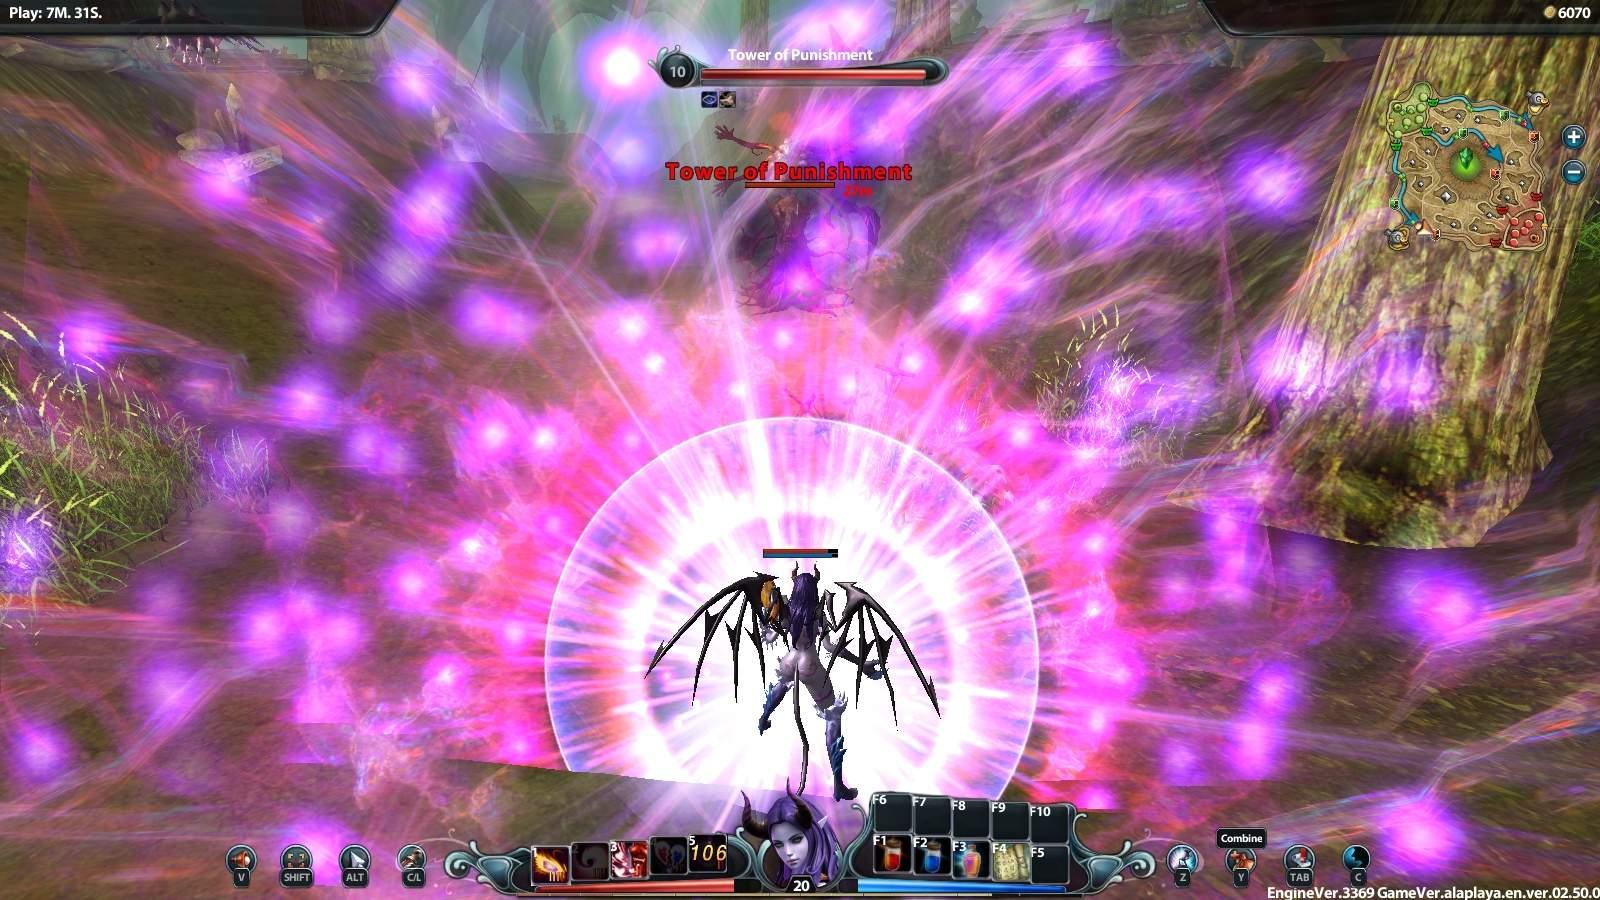 Klicke auf die Grafik für eine größere AnsichtName:LOCO - Land of Chaos Online_Lacrimosa_Screenshot_02.jpgHits:206Größe:194,1 KBID:2870